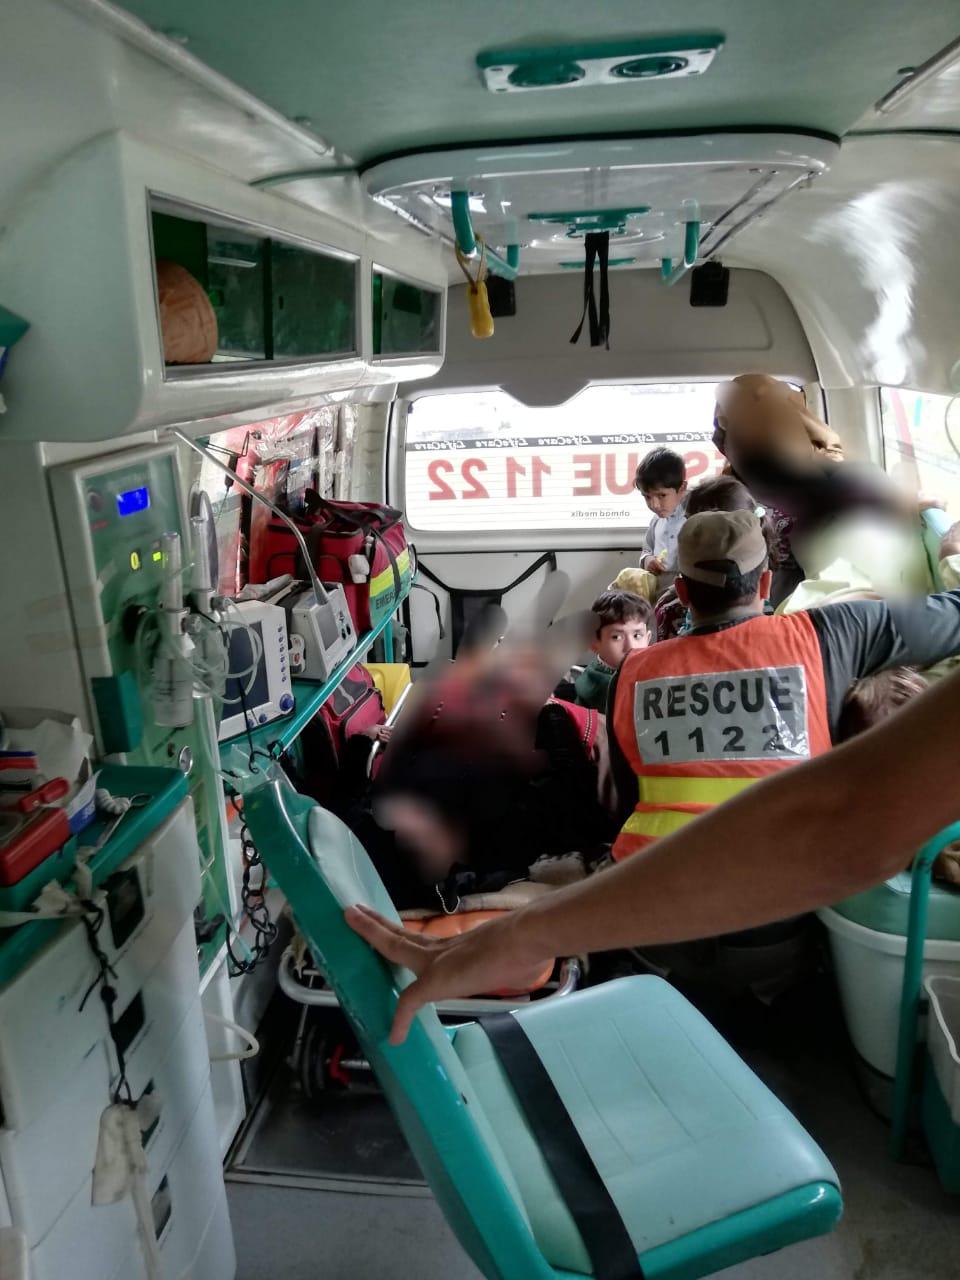 سوات ، 2 تیزرفتار فلائنگ کوچوں میں تصادم ،16 زخمی